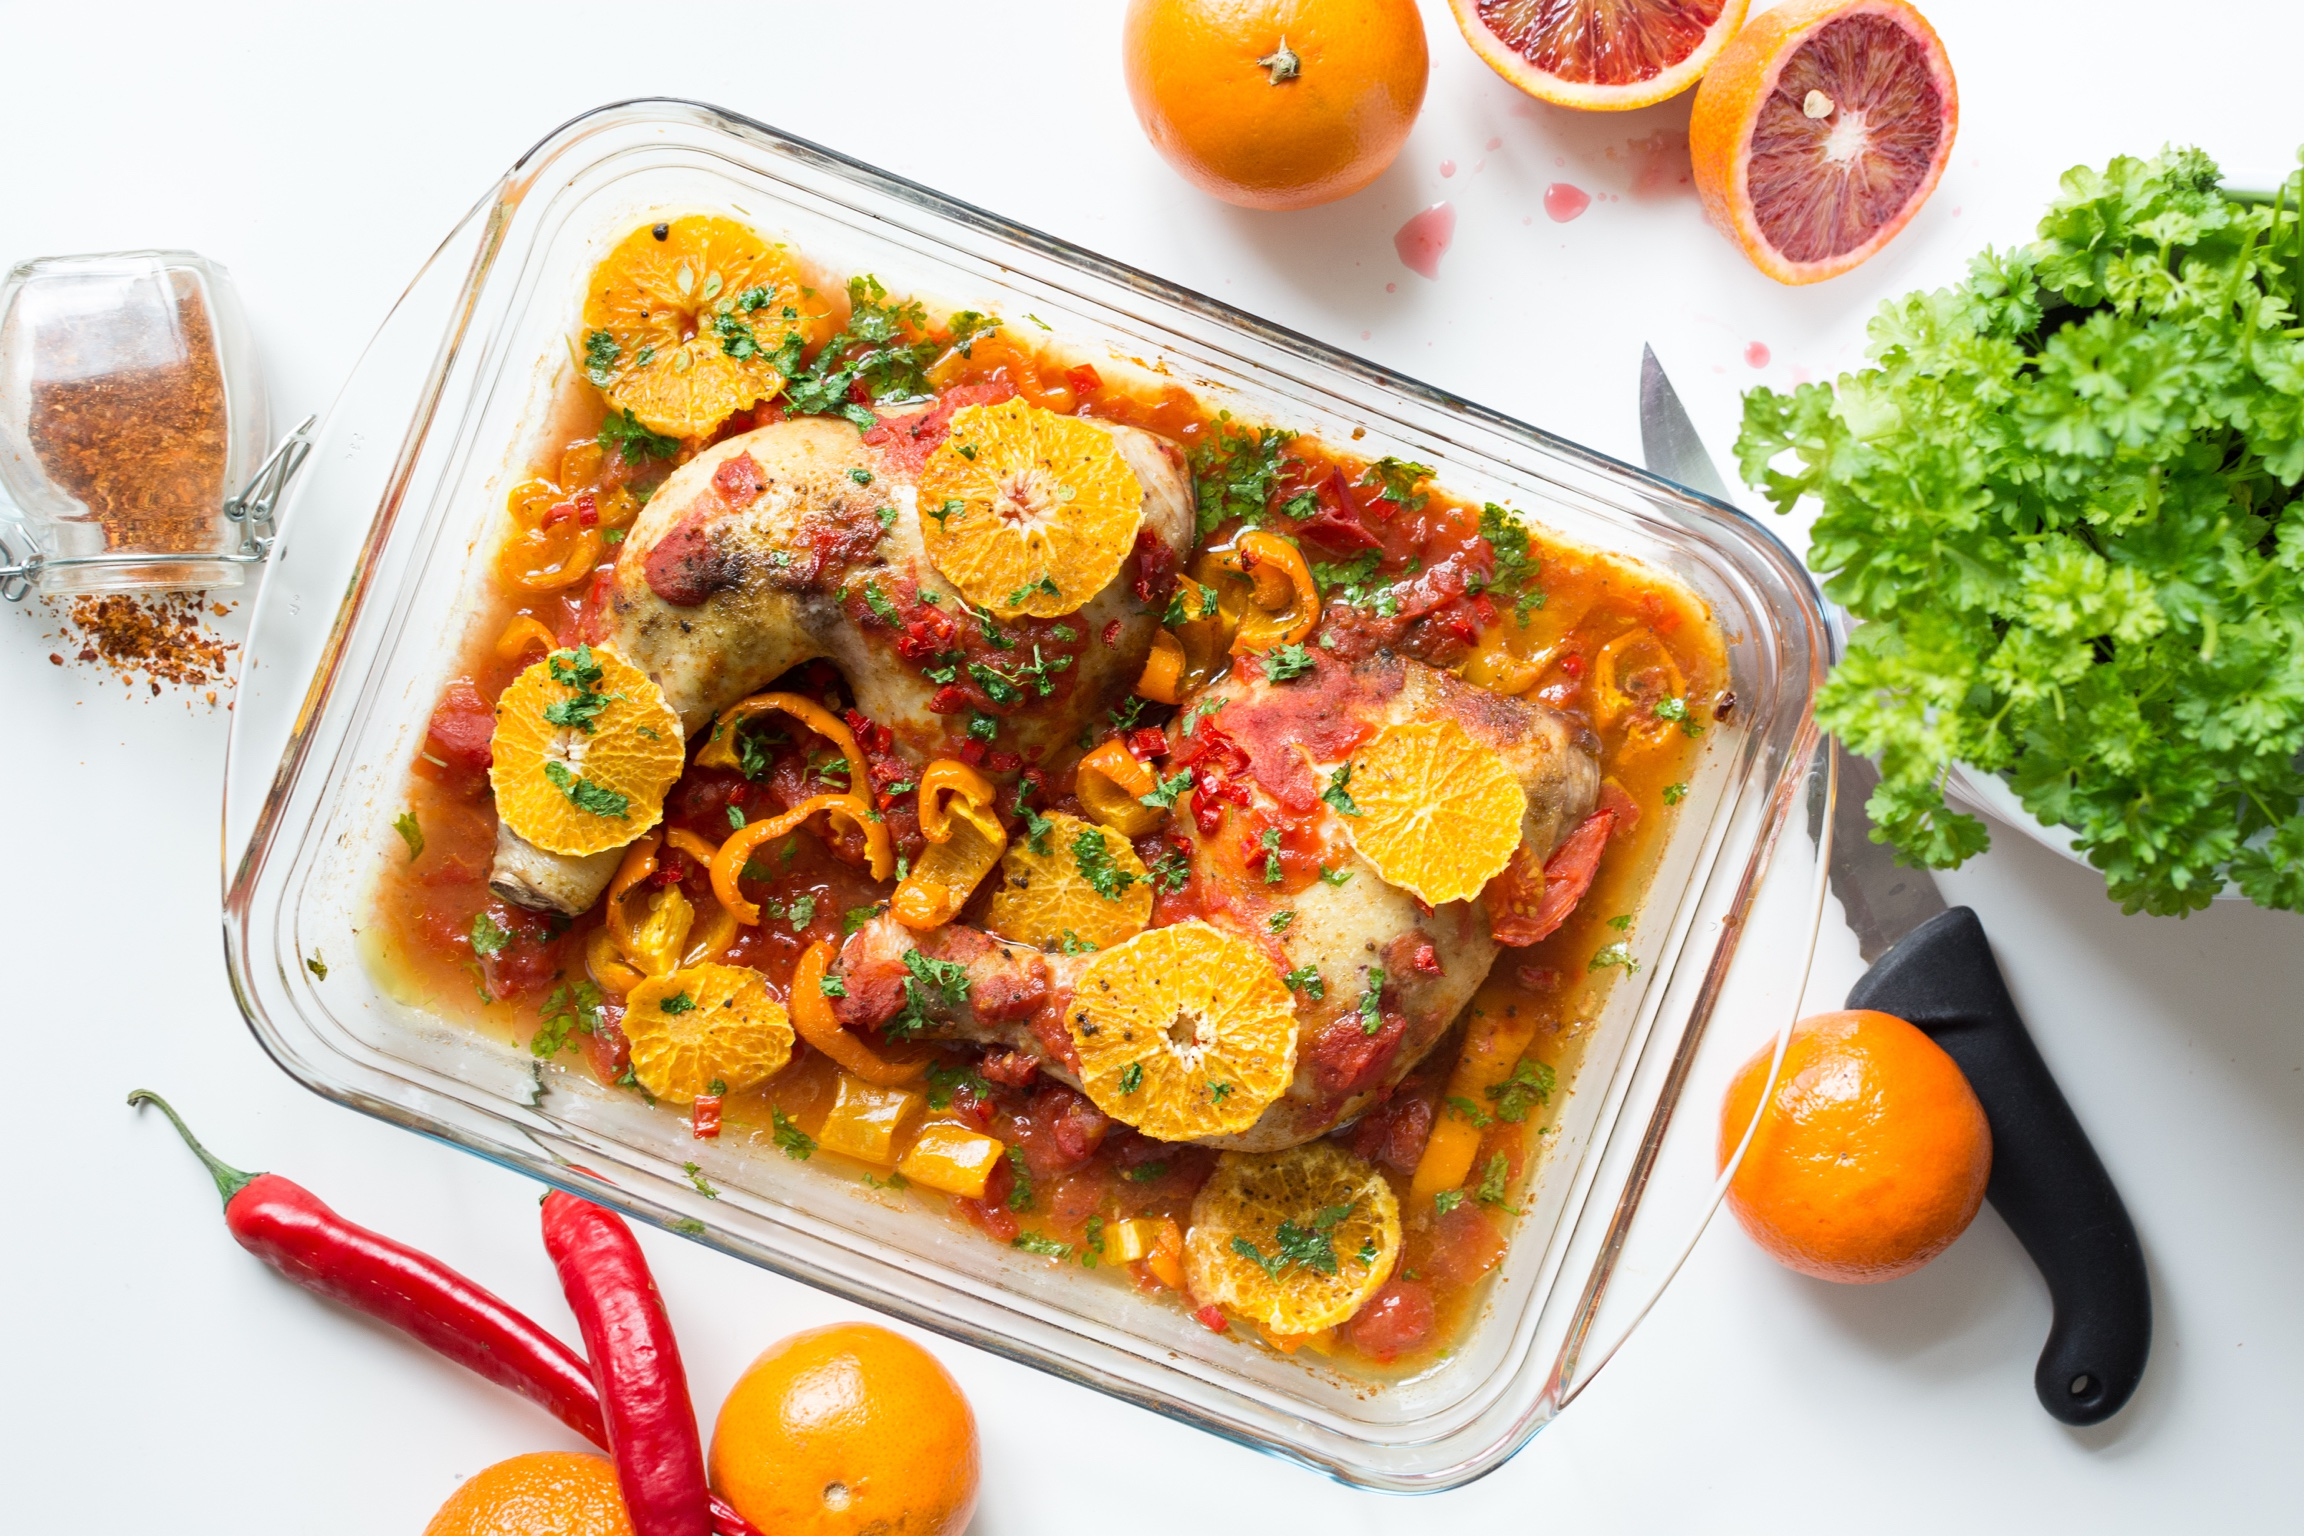 foodiesfeed.com_chicken-legs-tomatoes-peppers-oranges1.jpg